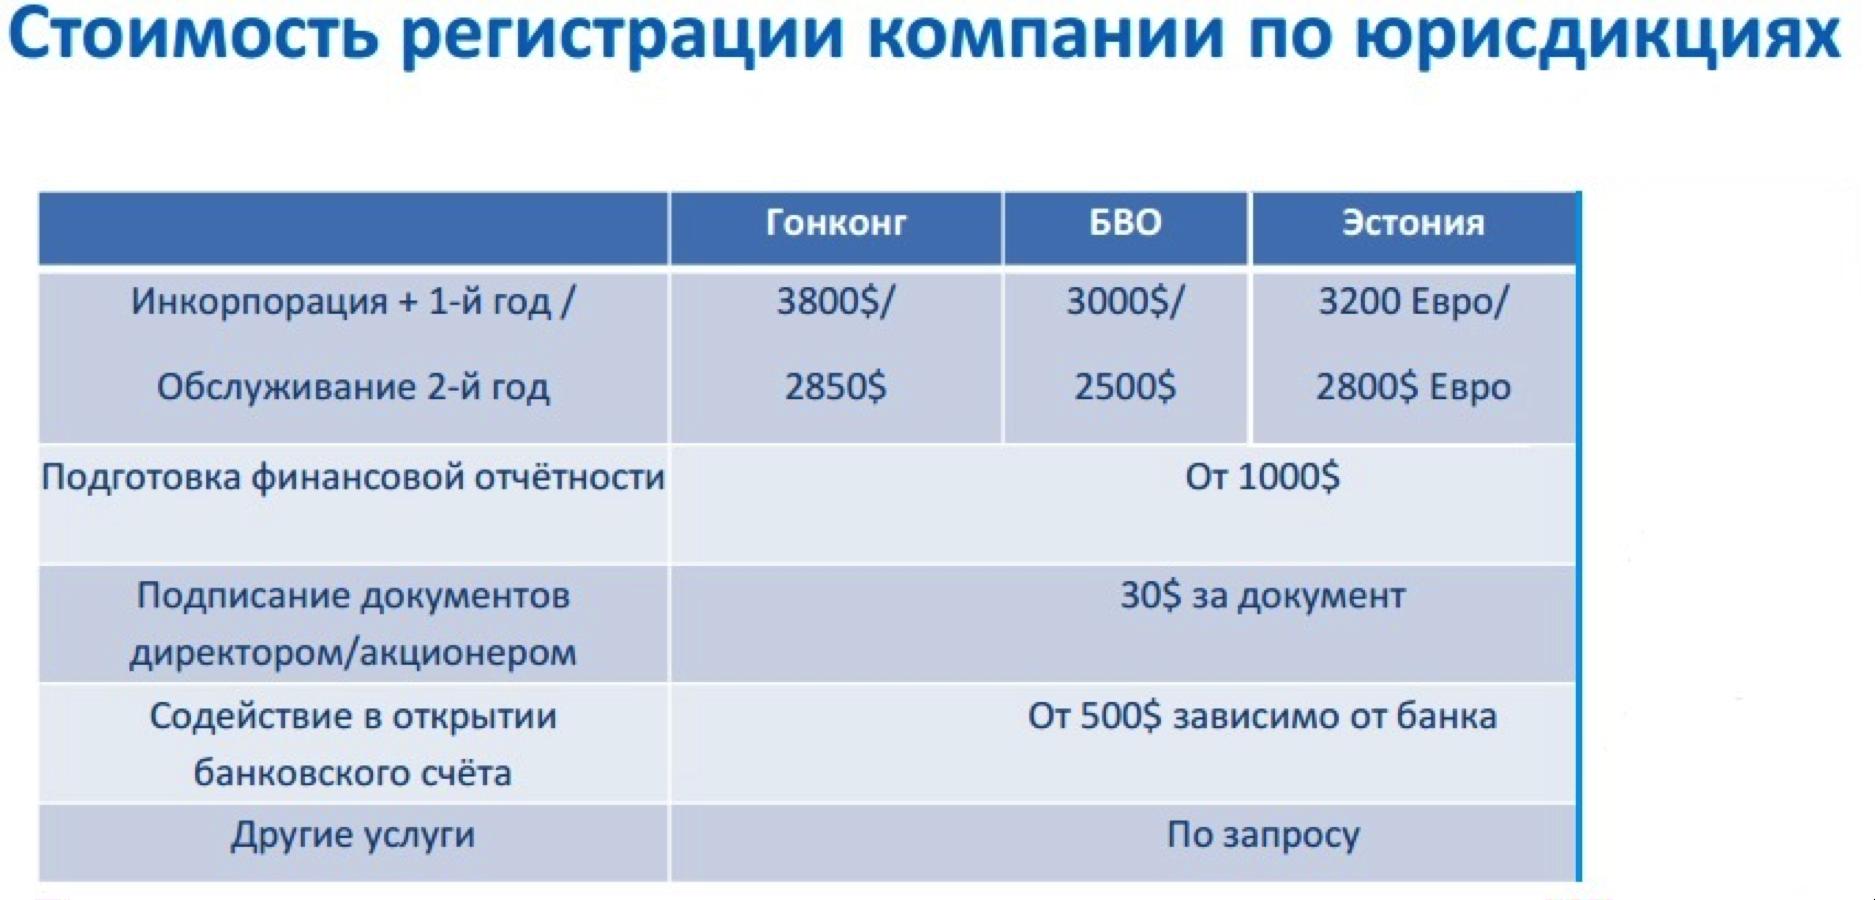 Компания на БВО, в Эстонии и Гонконге – плюсы и минусы - 6